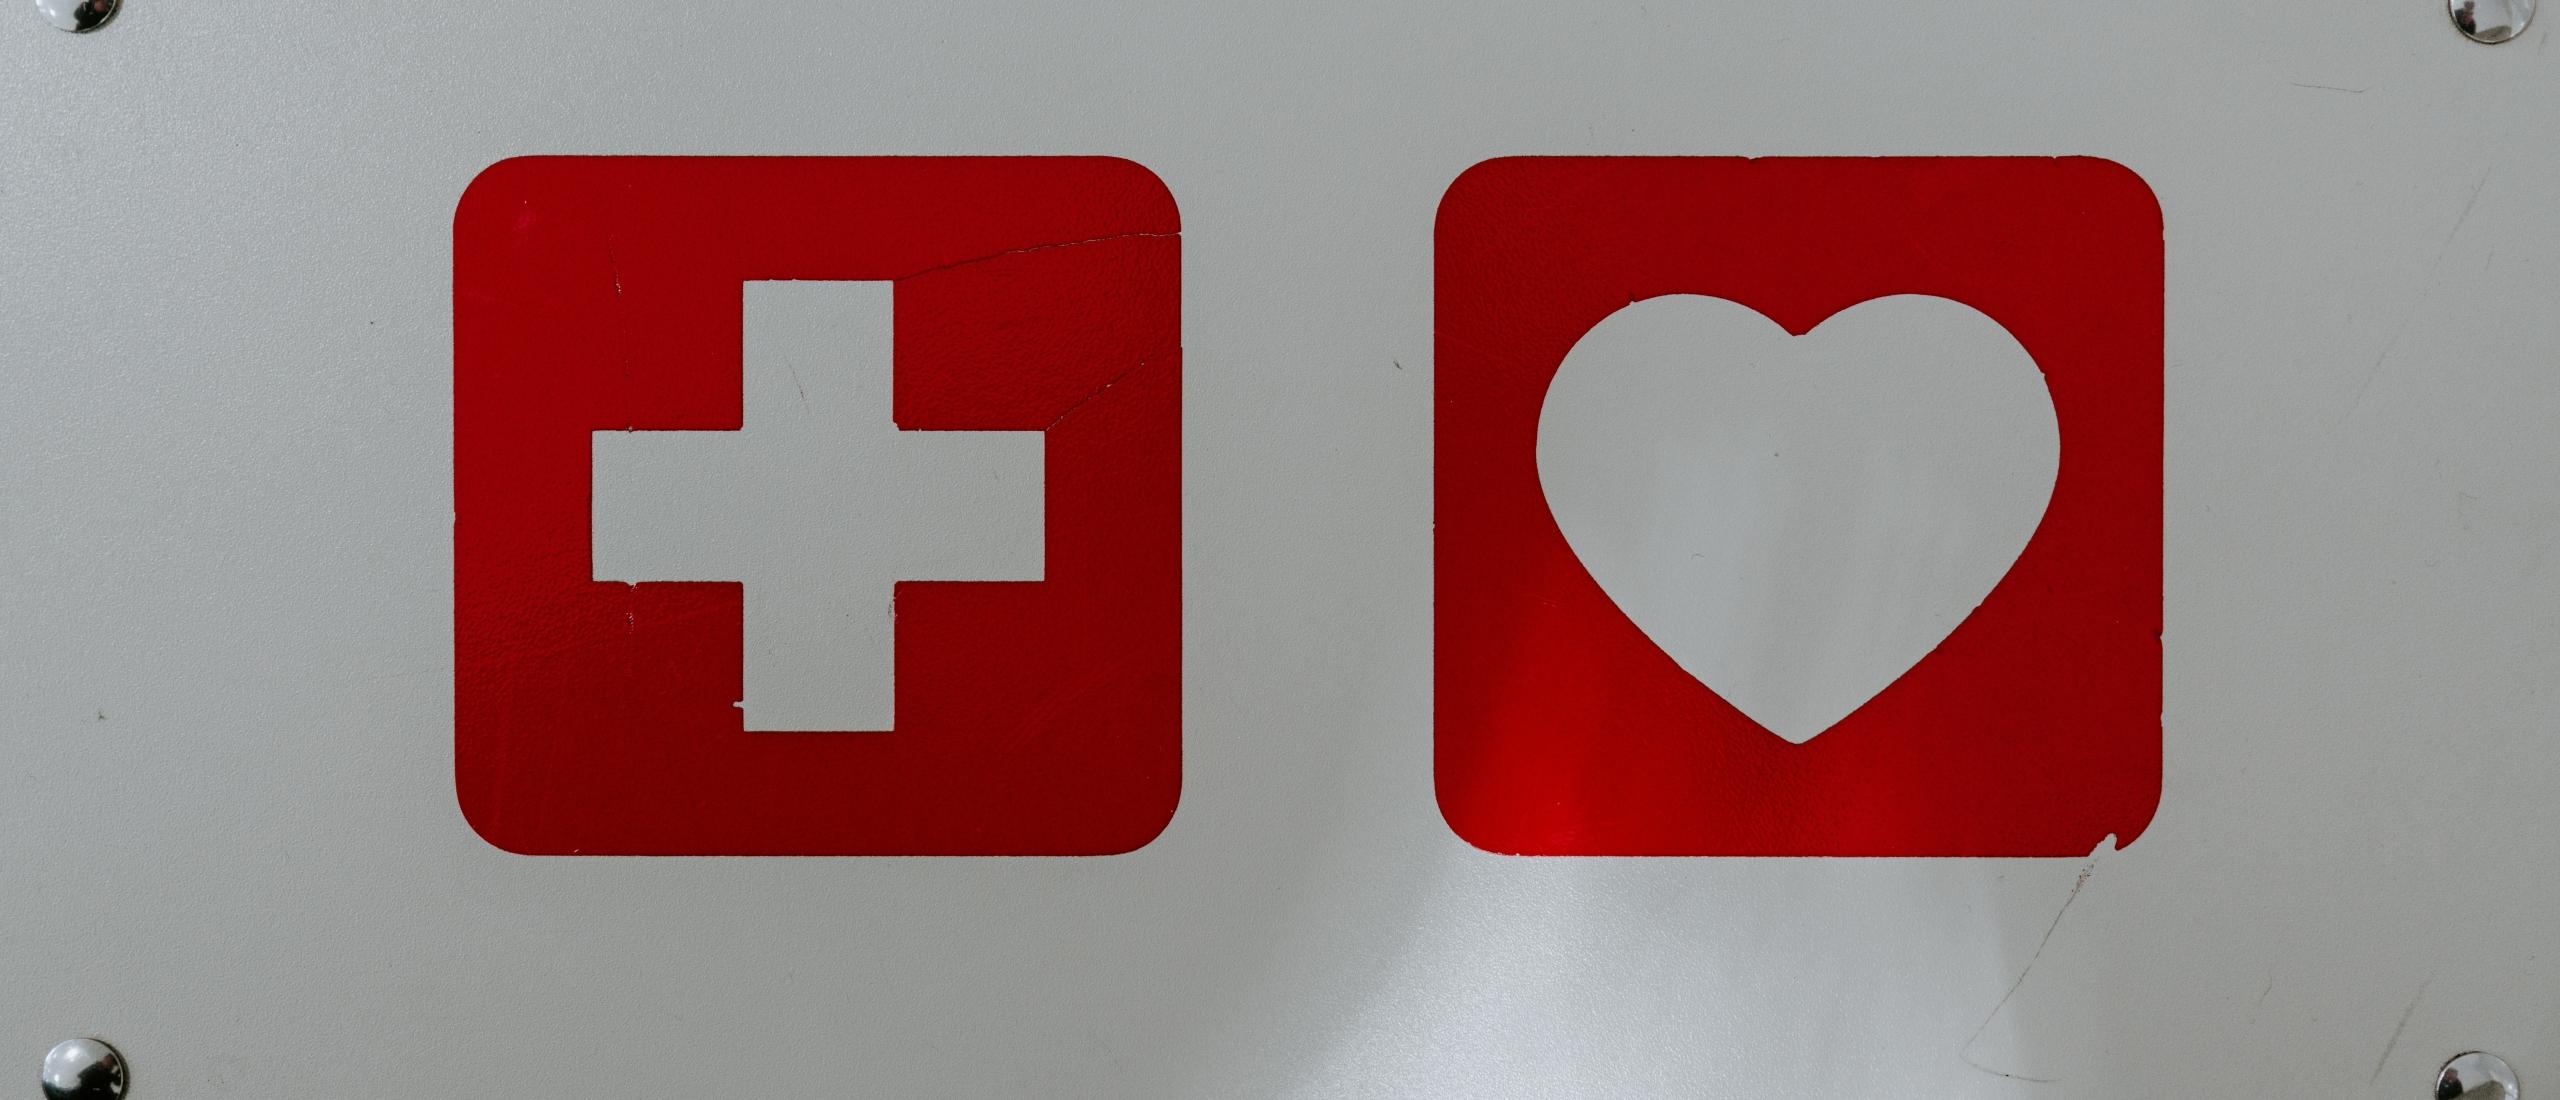 Als ruzie's niet meer stoppen: Annette Heffels over EFT relatietherapie